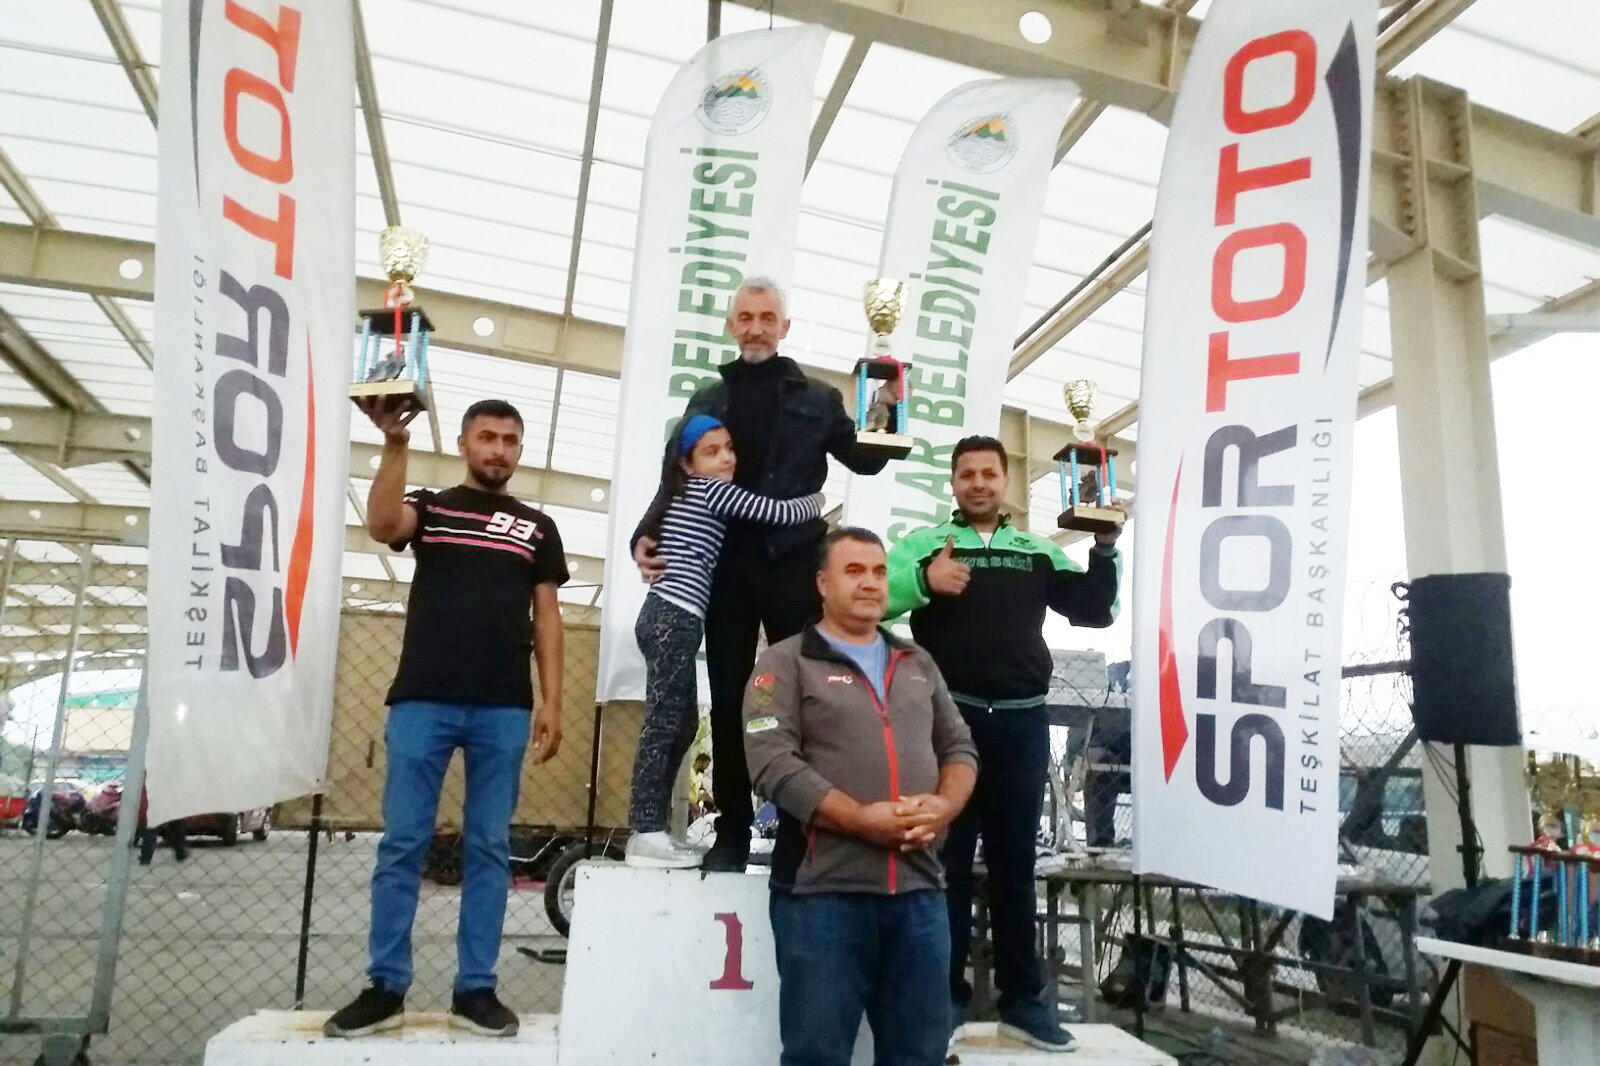 Avşar Çifti Motodrag'da toplam 10 kupa aldı